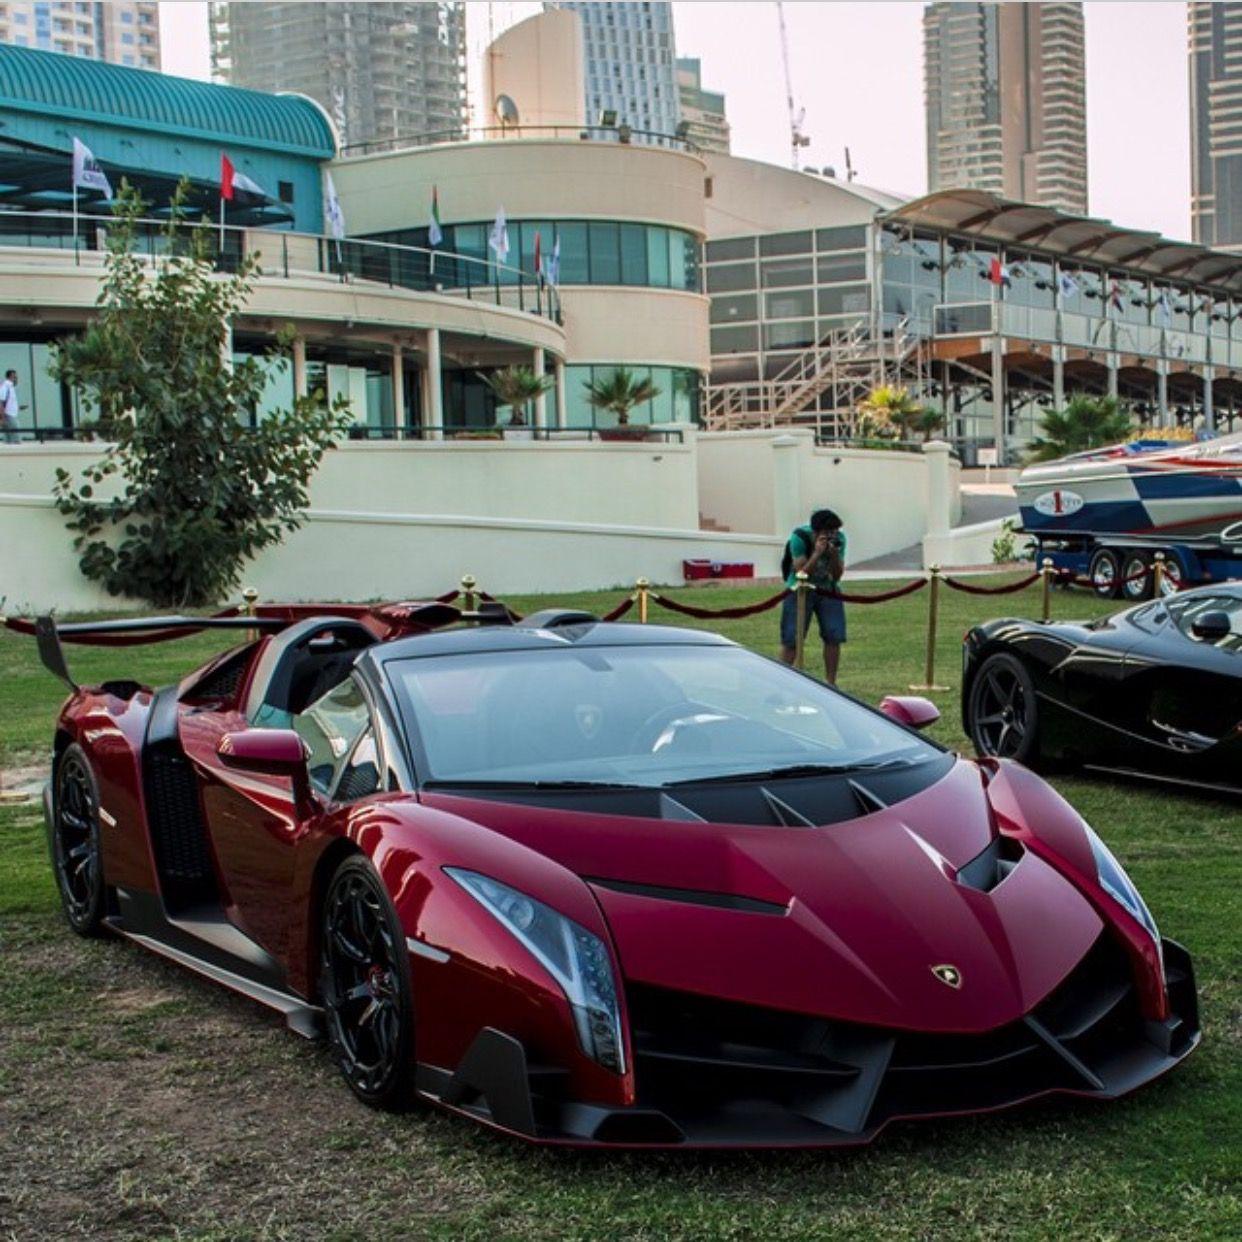 Bugati Car Wallpaper: Lamborghini Veneno Painted In Rosso Veneno Photo Taken By